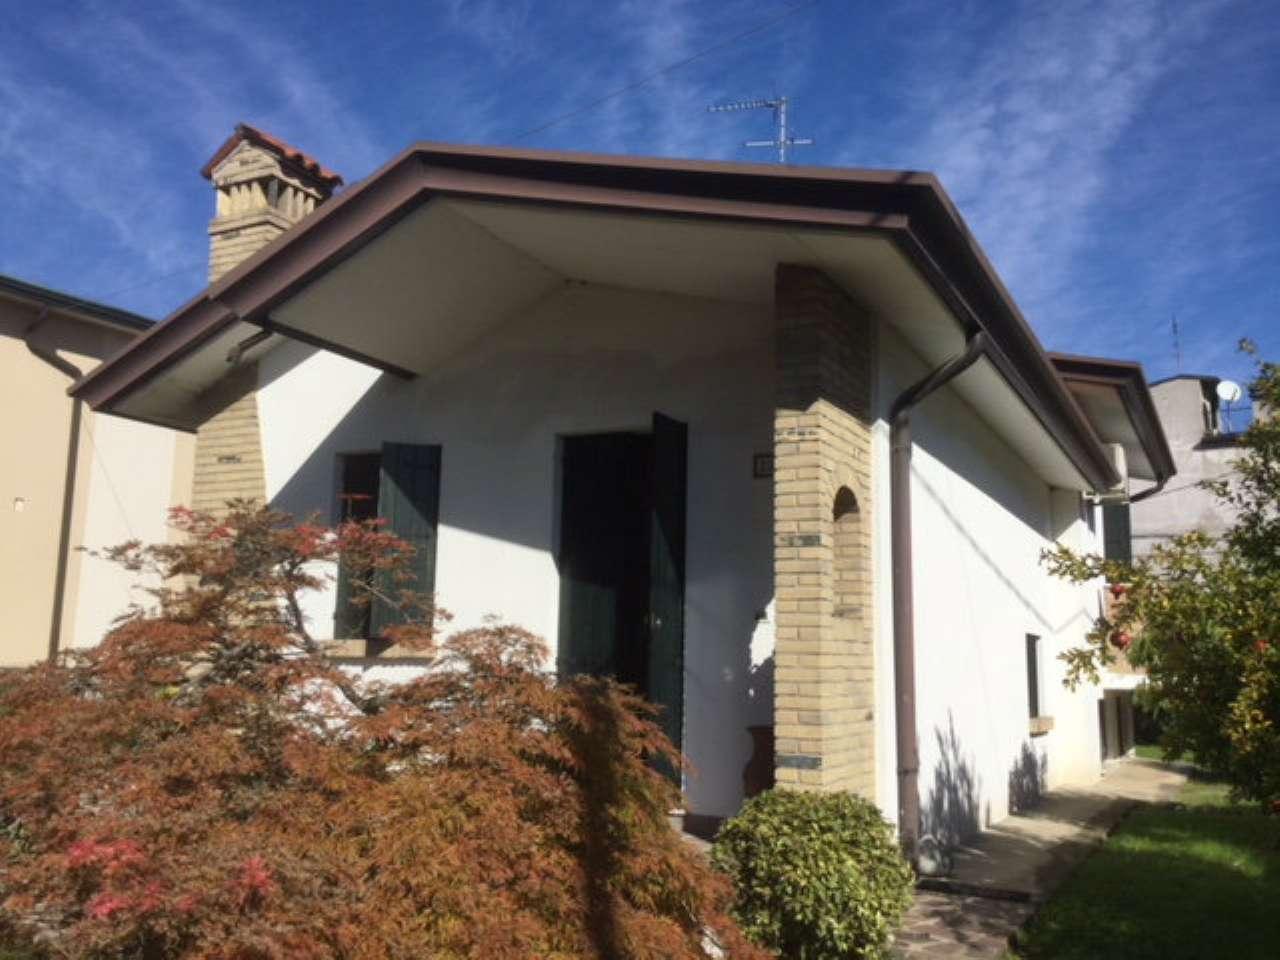 Villa in vendita a Legnaro, 4 locali, prezzo € 189.000 | CambioCasa.it